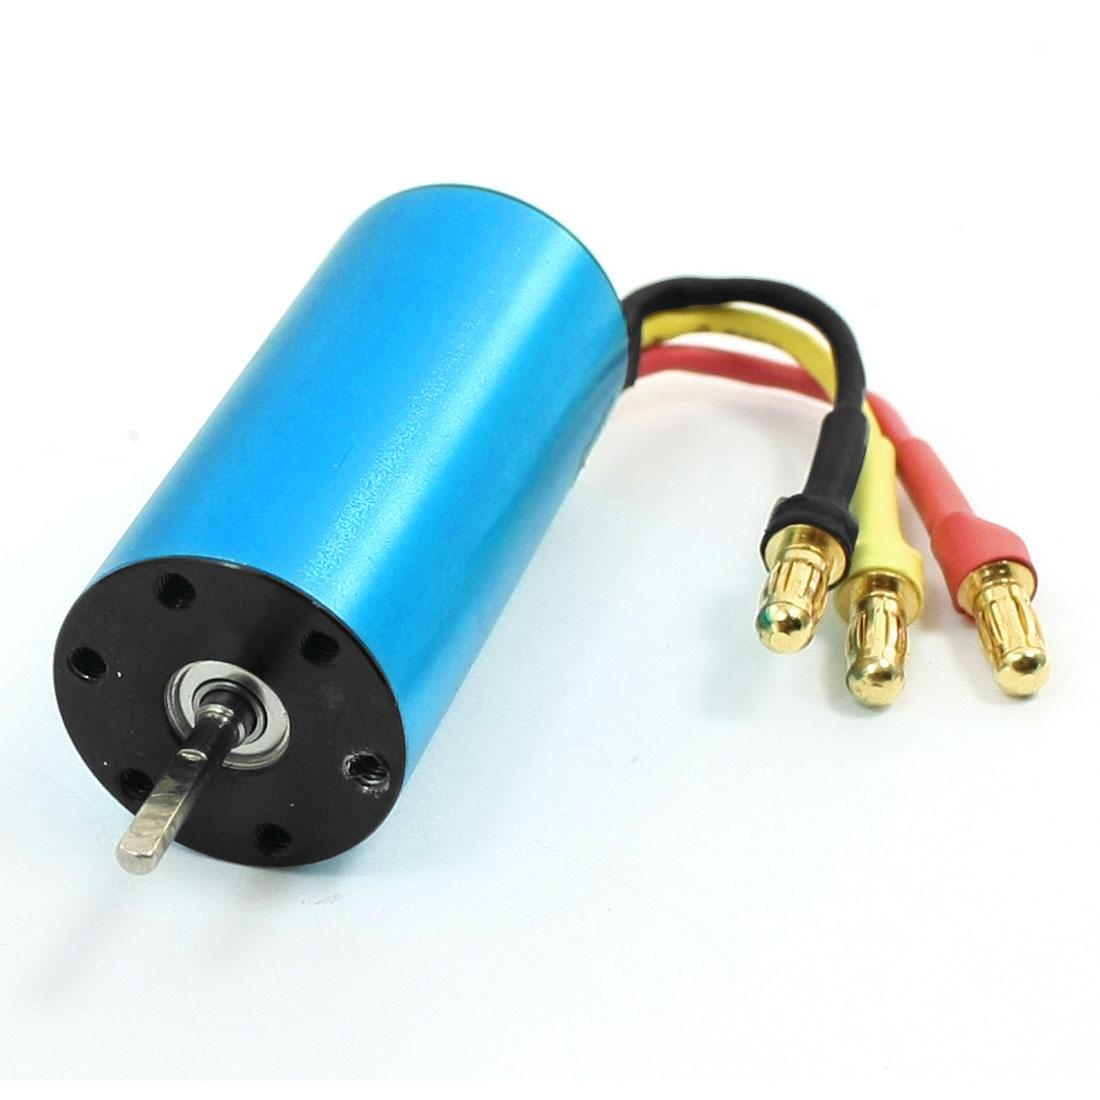 F130-2030 5828KV 2mm Shaft Diameter Inrunner Brushless Motor Blue